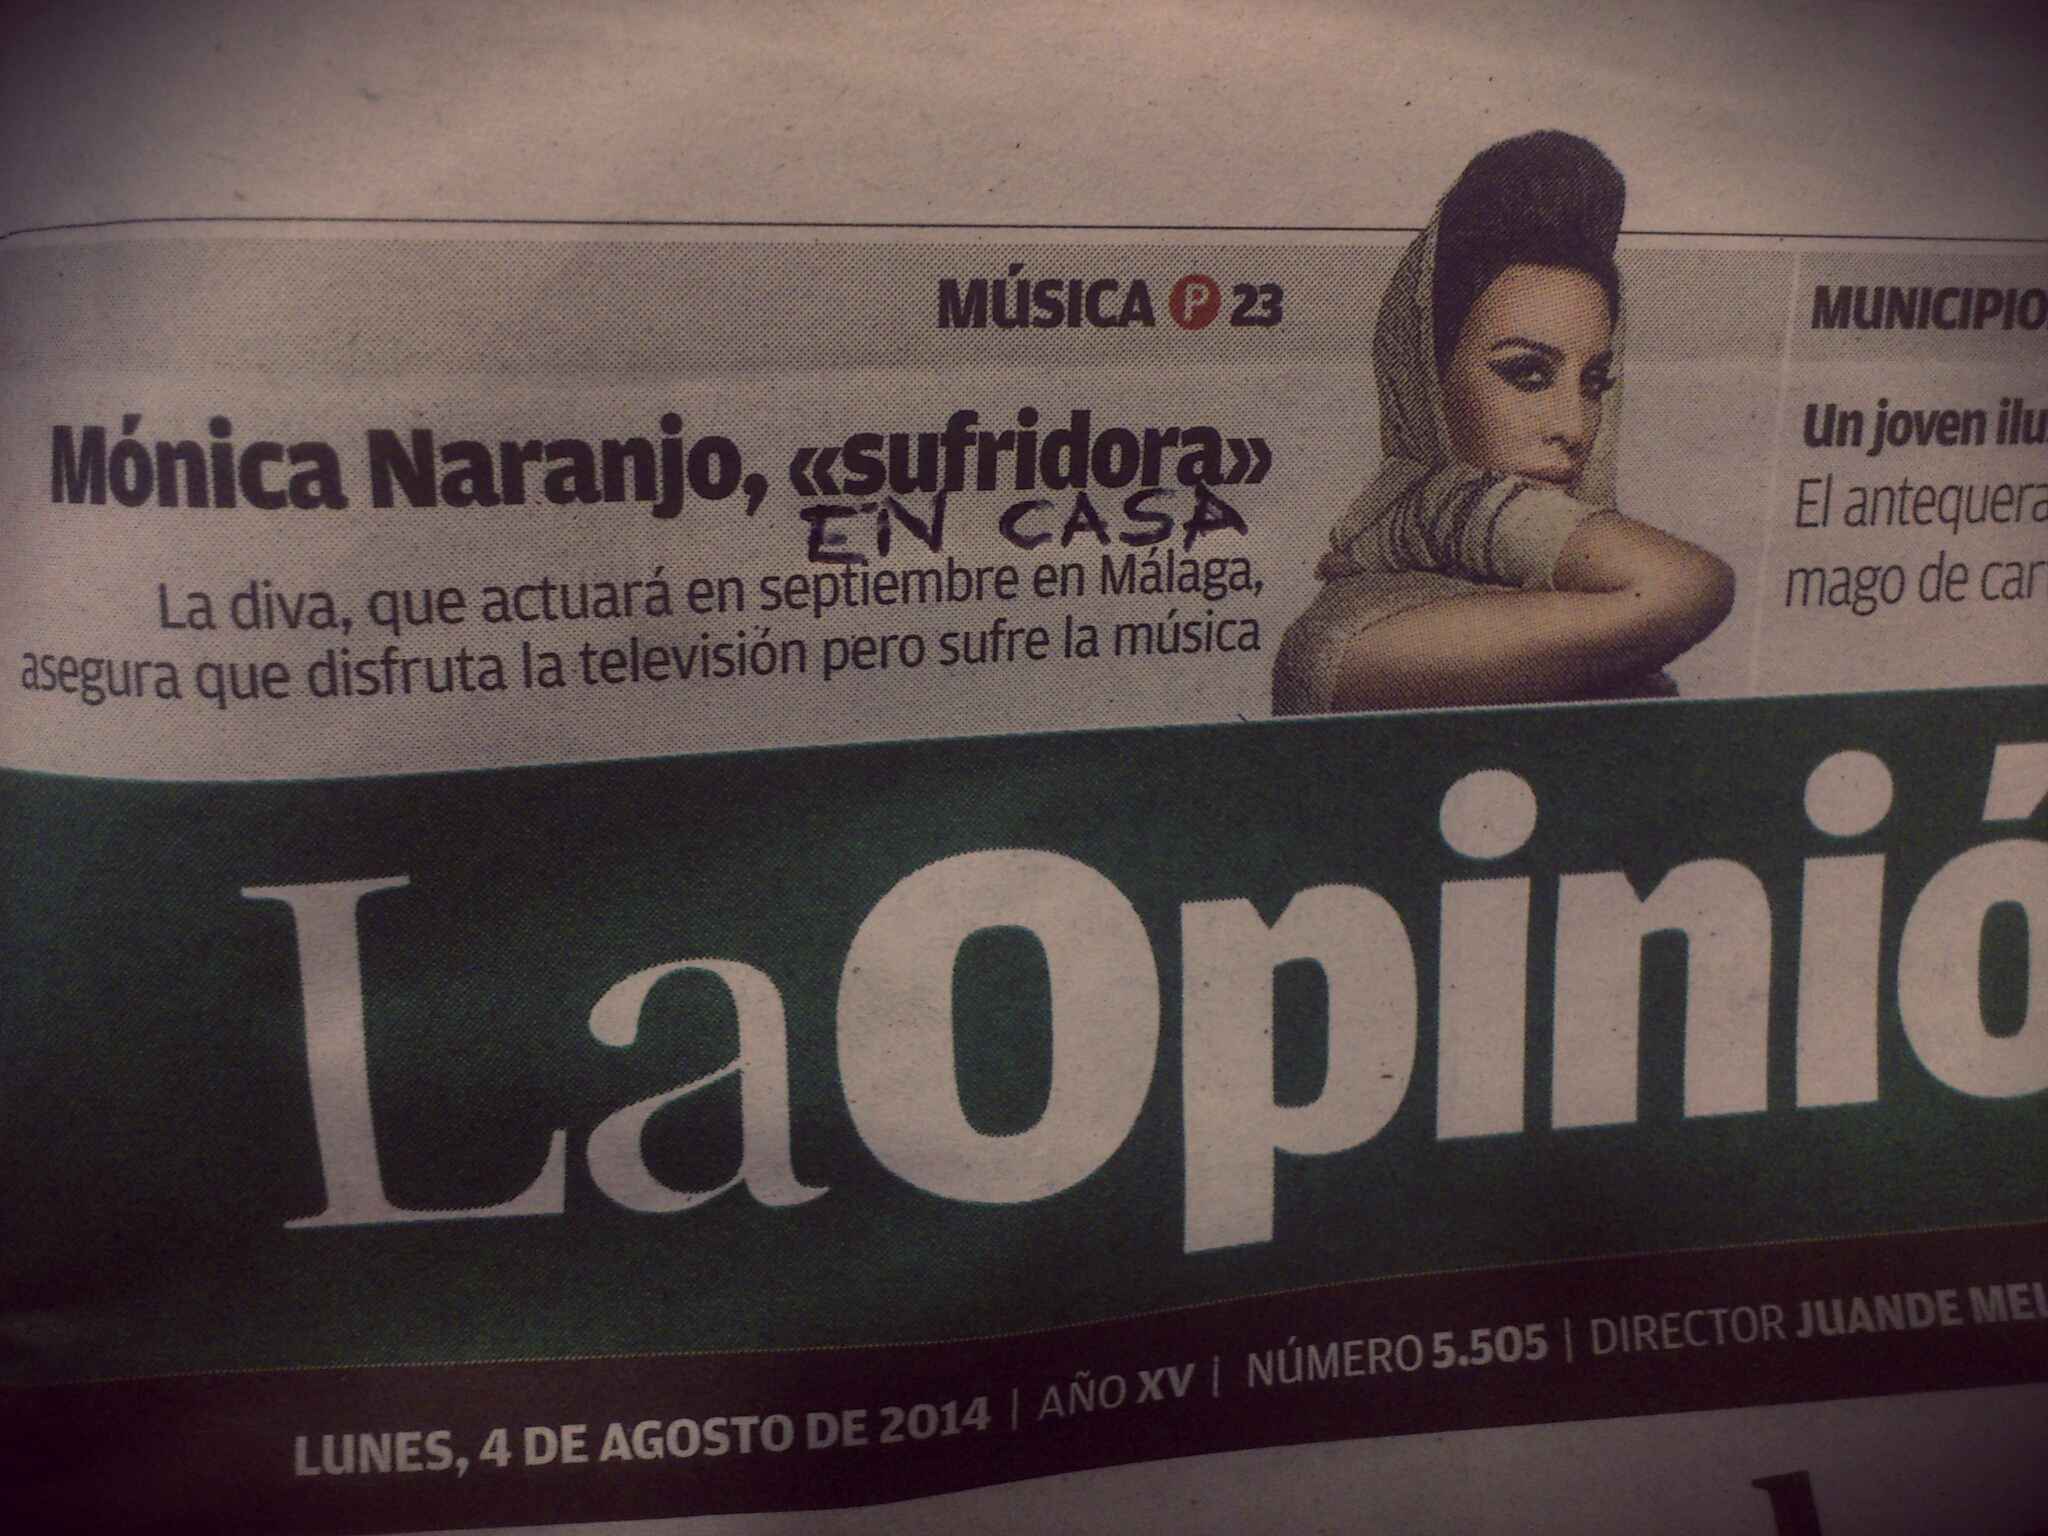 Monica Naranjo Sufridora en Casa